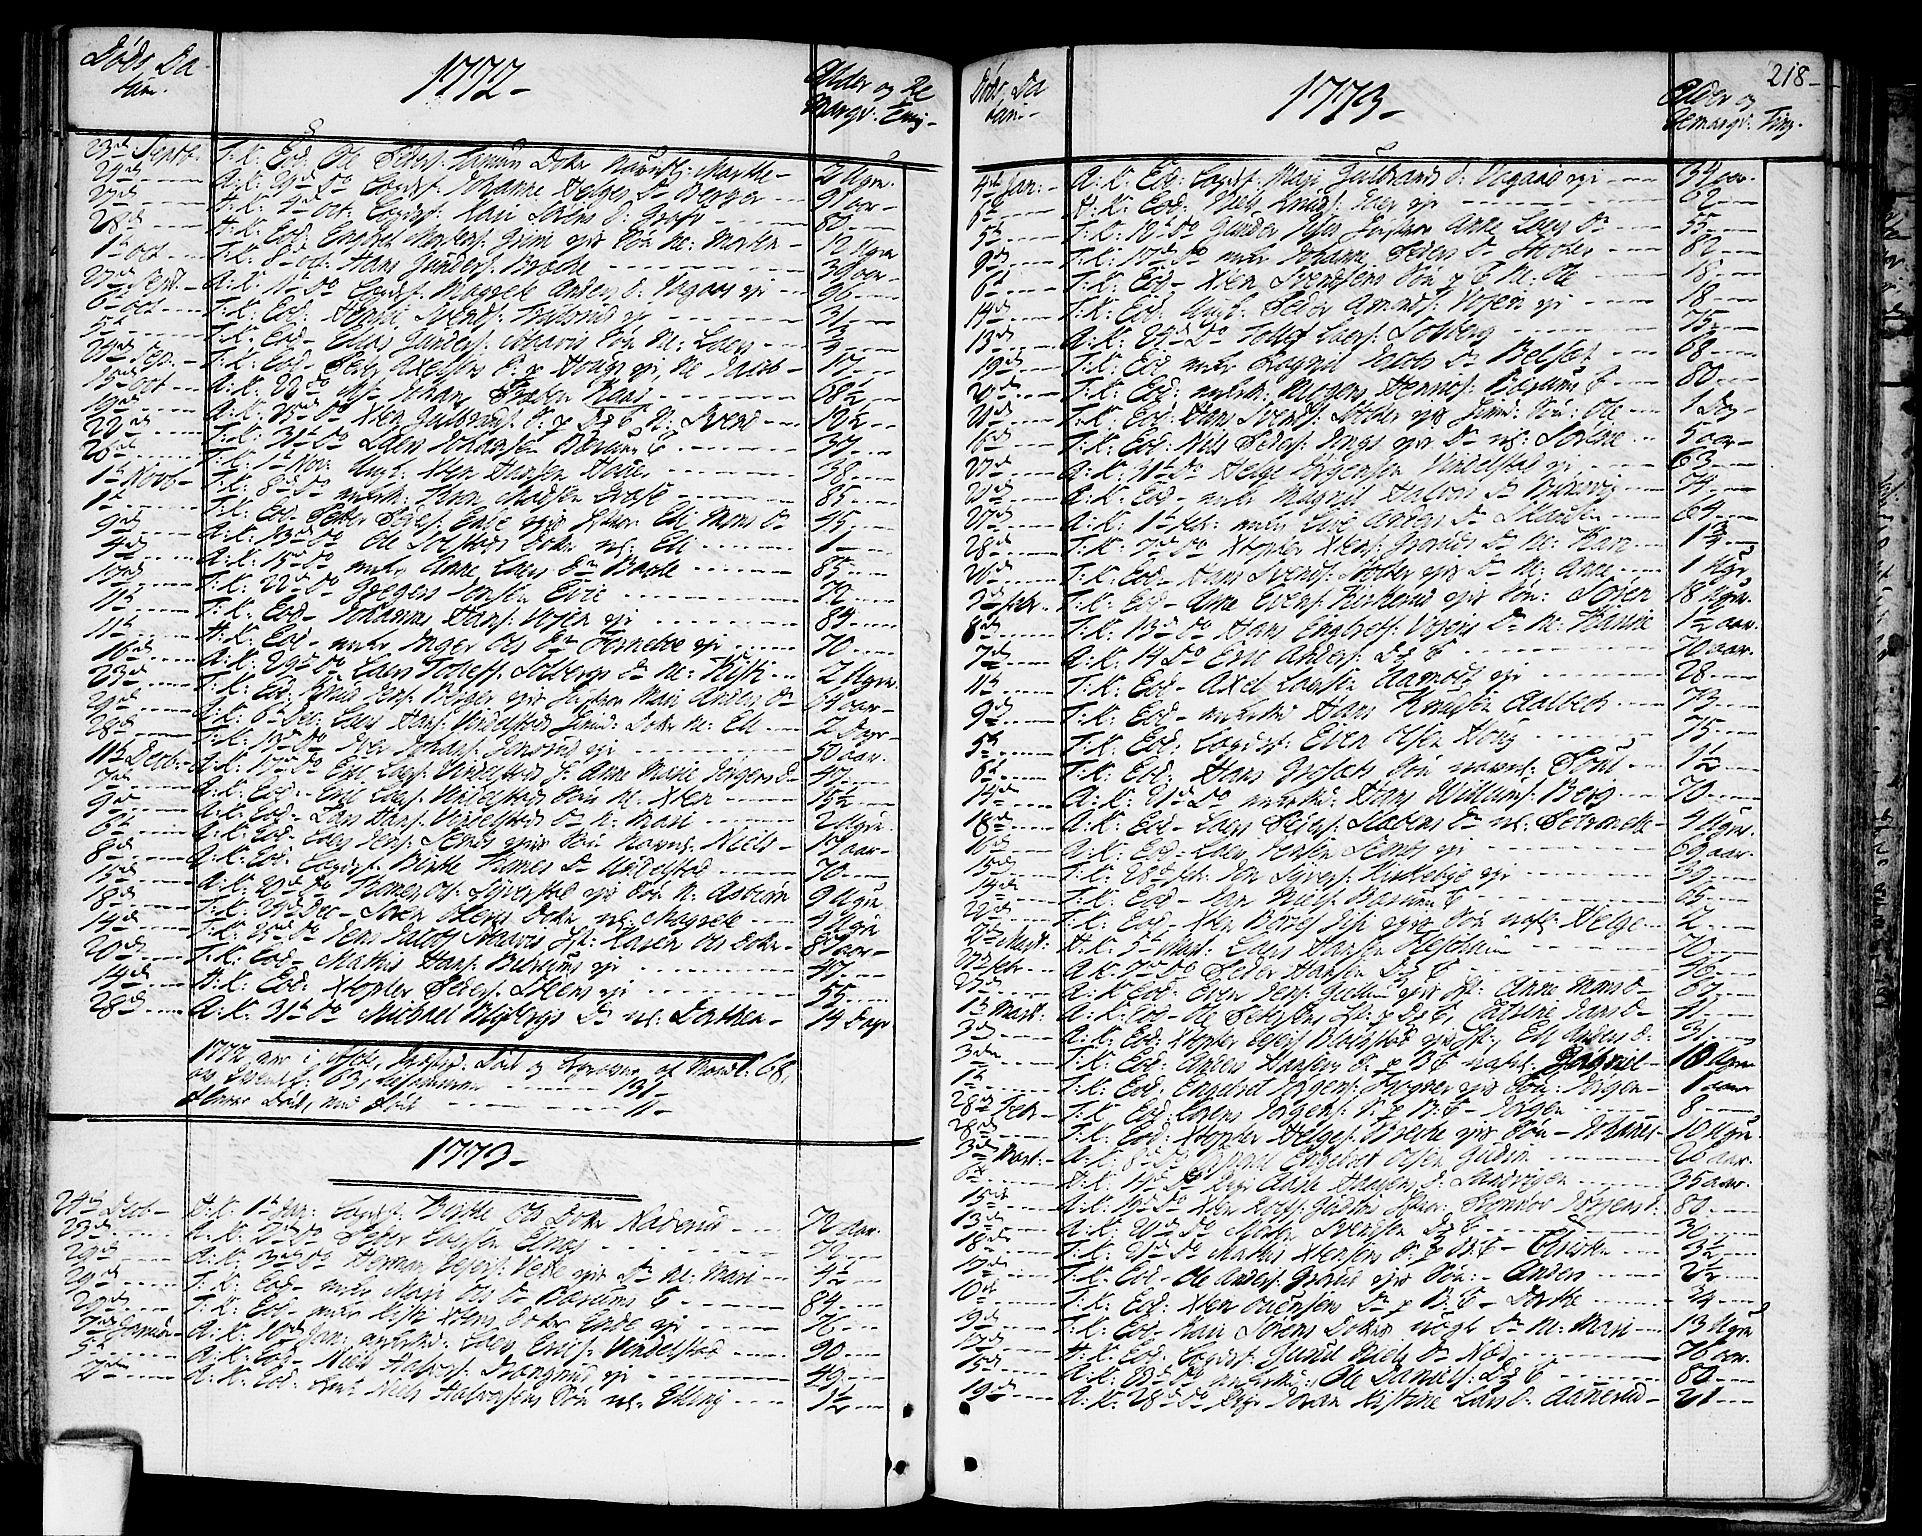 SAO, Asker prestekontor Kirkebøker, F/Fa/L0003: Ministerialbok nr. I 3, 1767-1807, s. 218